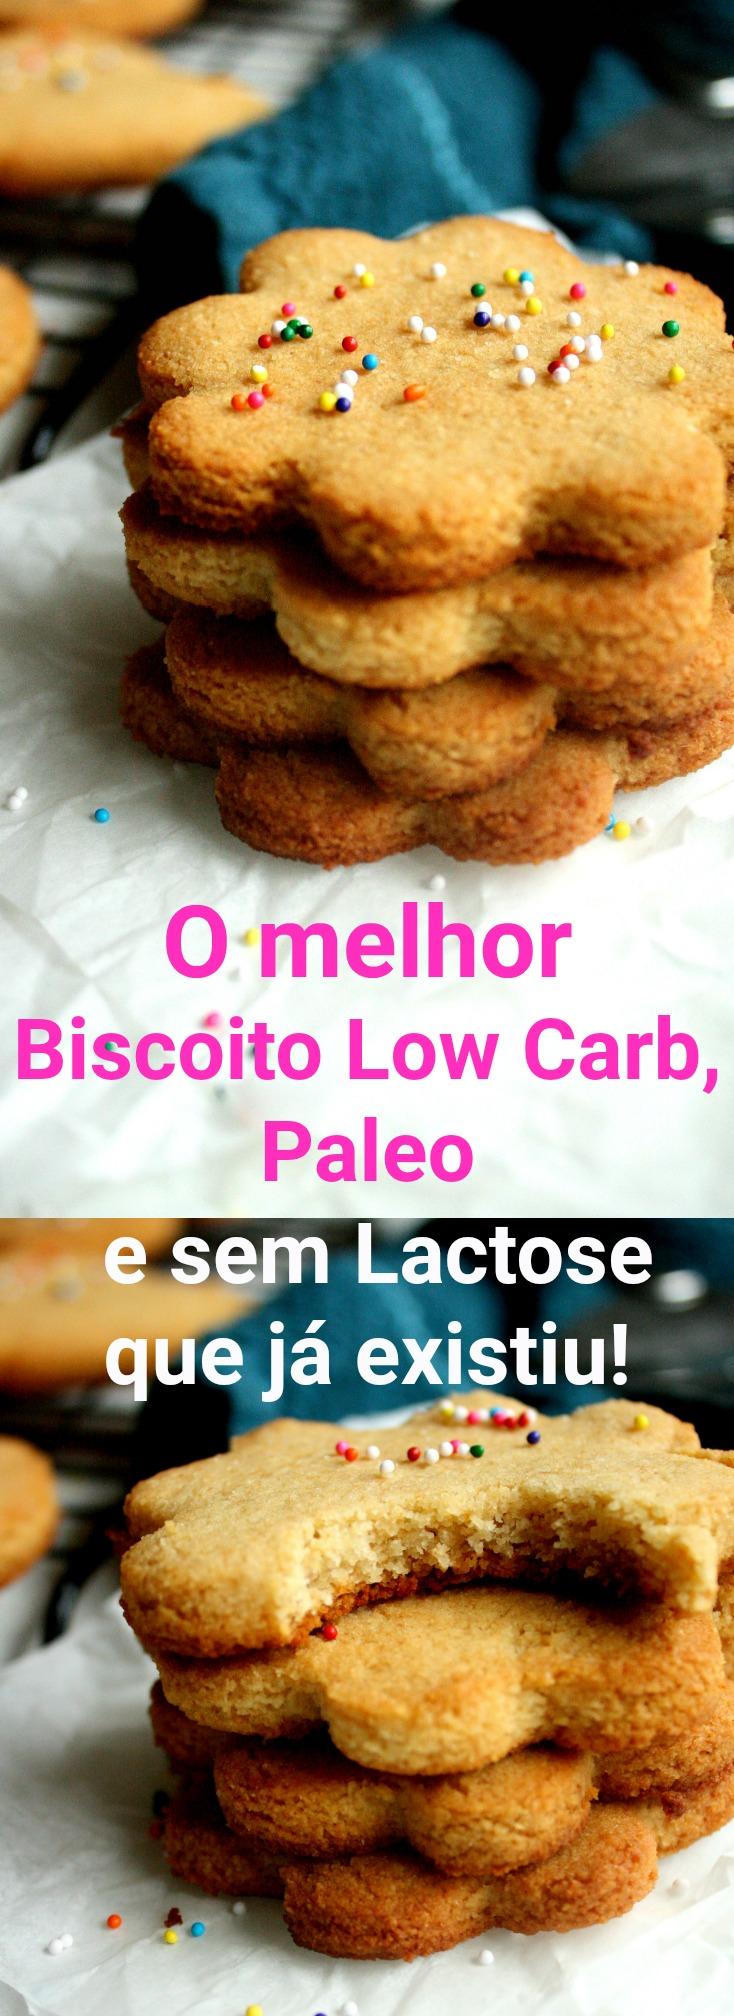 O melhor Biscoito low carb, Paleo e sem Lactose da Internet!